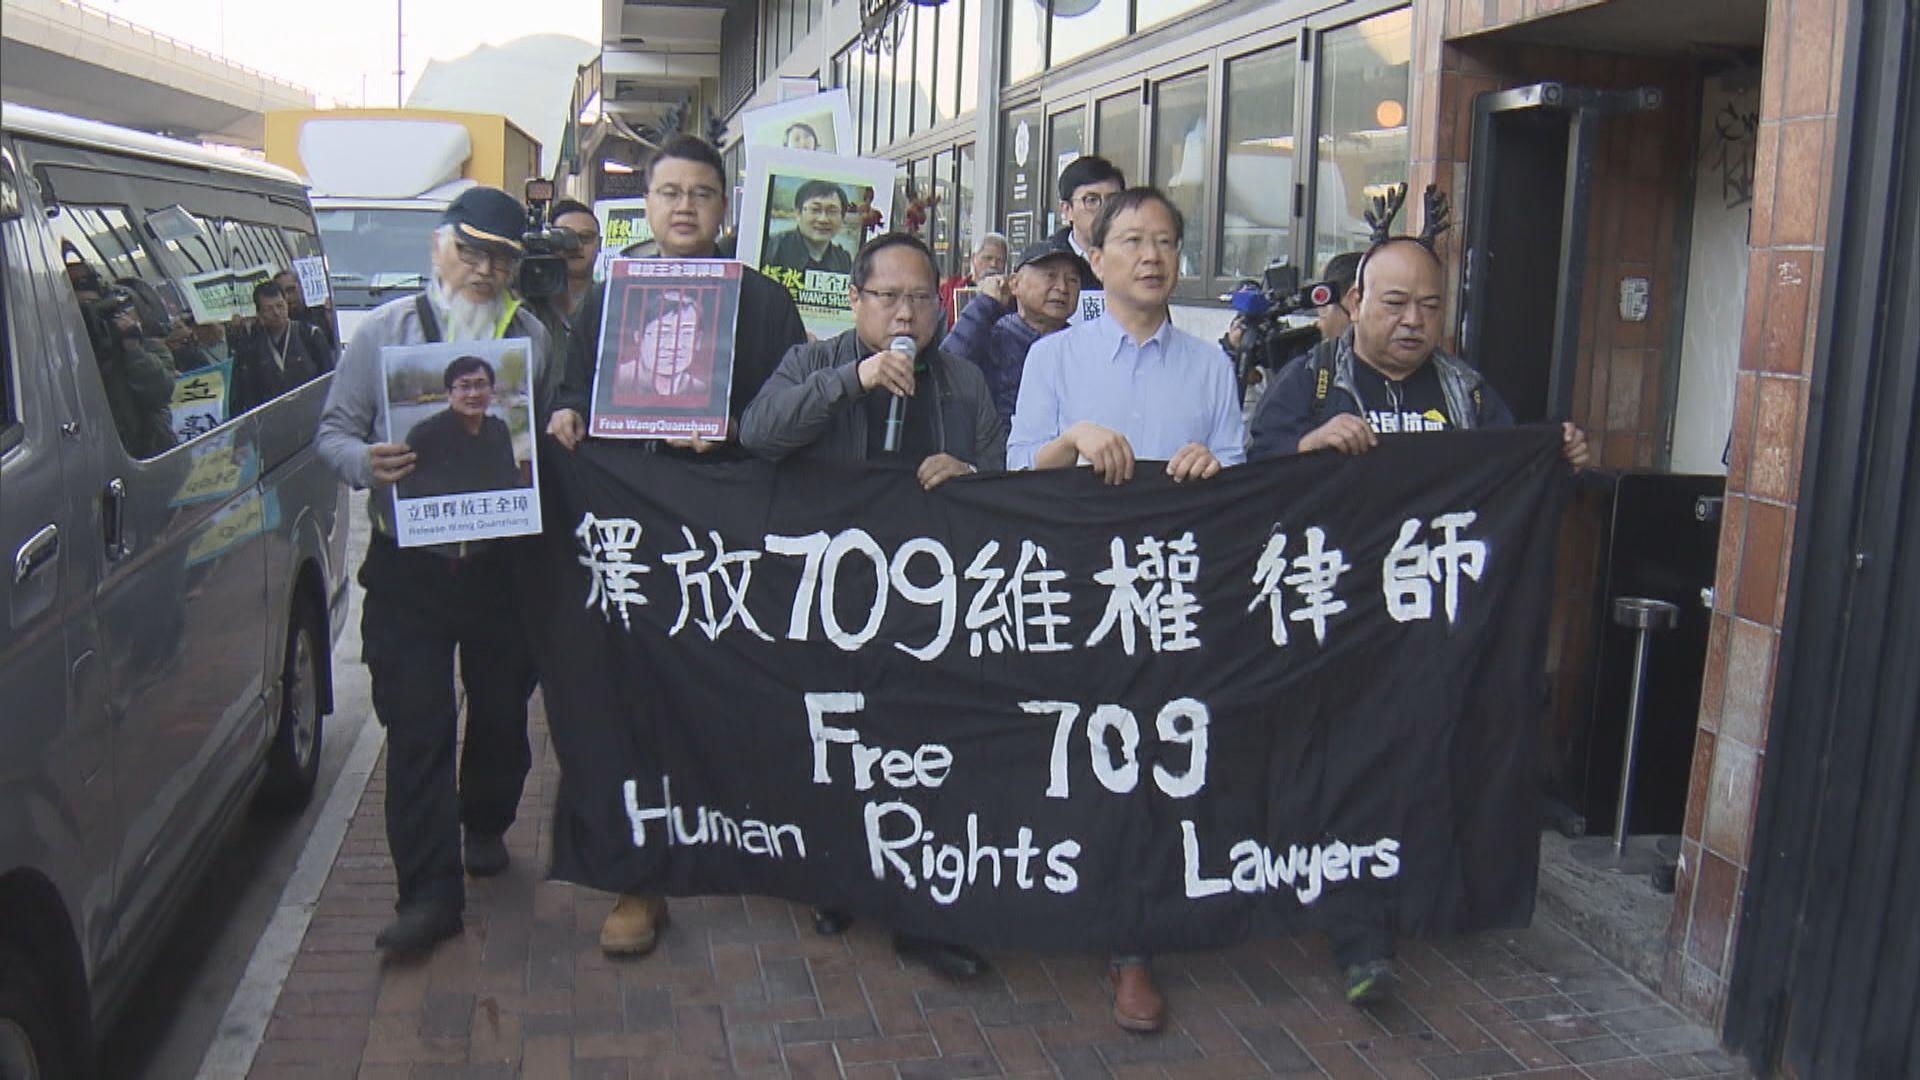 多個團體抗議要求內地當局釋放王全璋